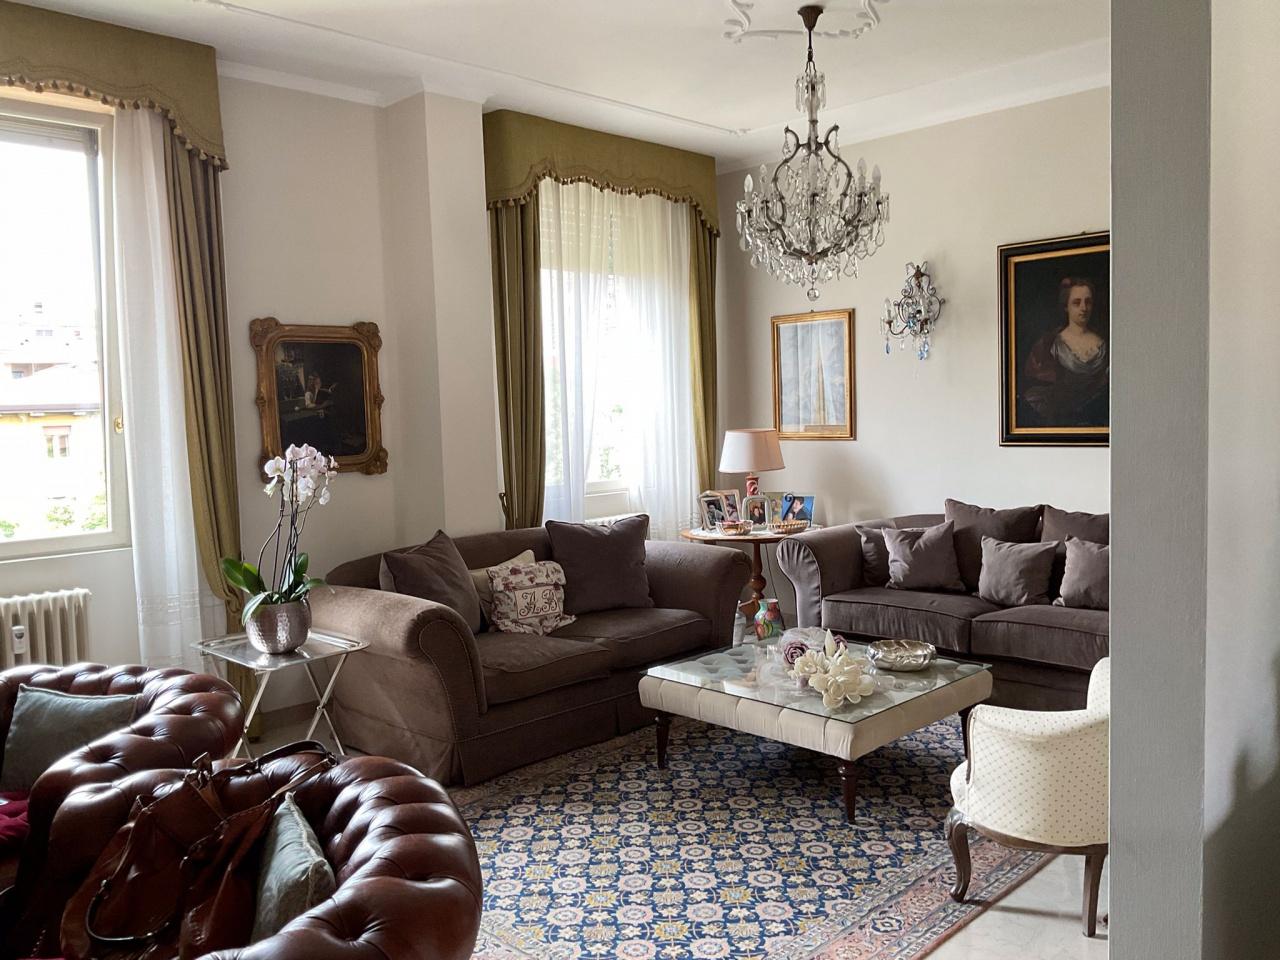 Appartamento in vendita a Brescia, 4 locali, prezzo € 470.000 | CambioCasa.it